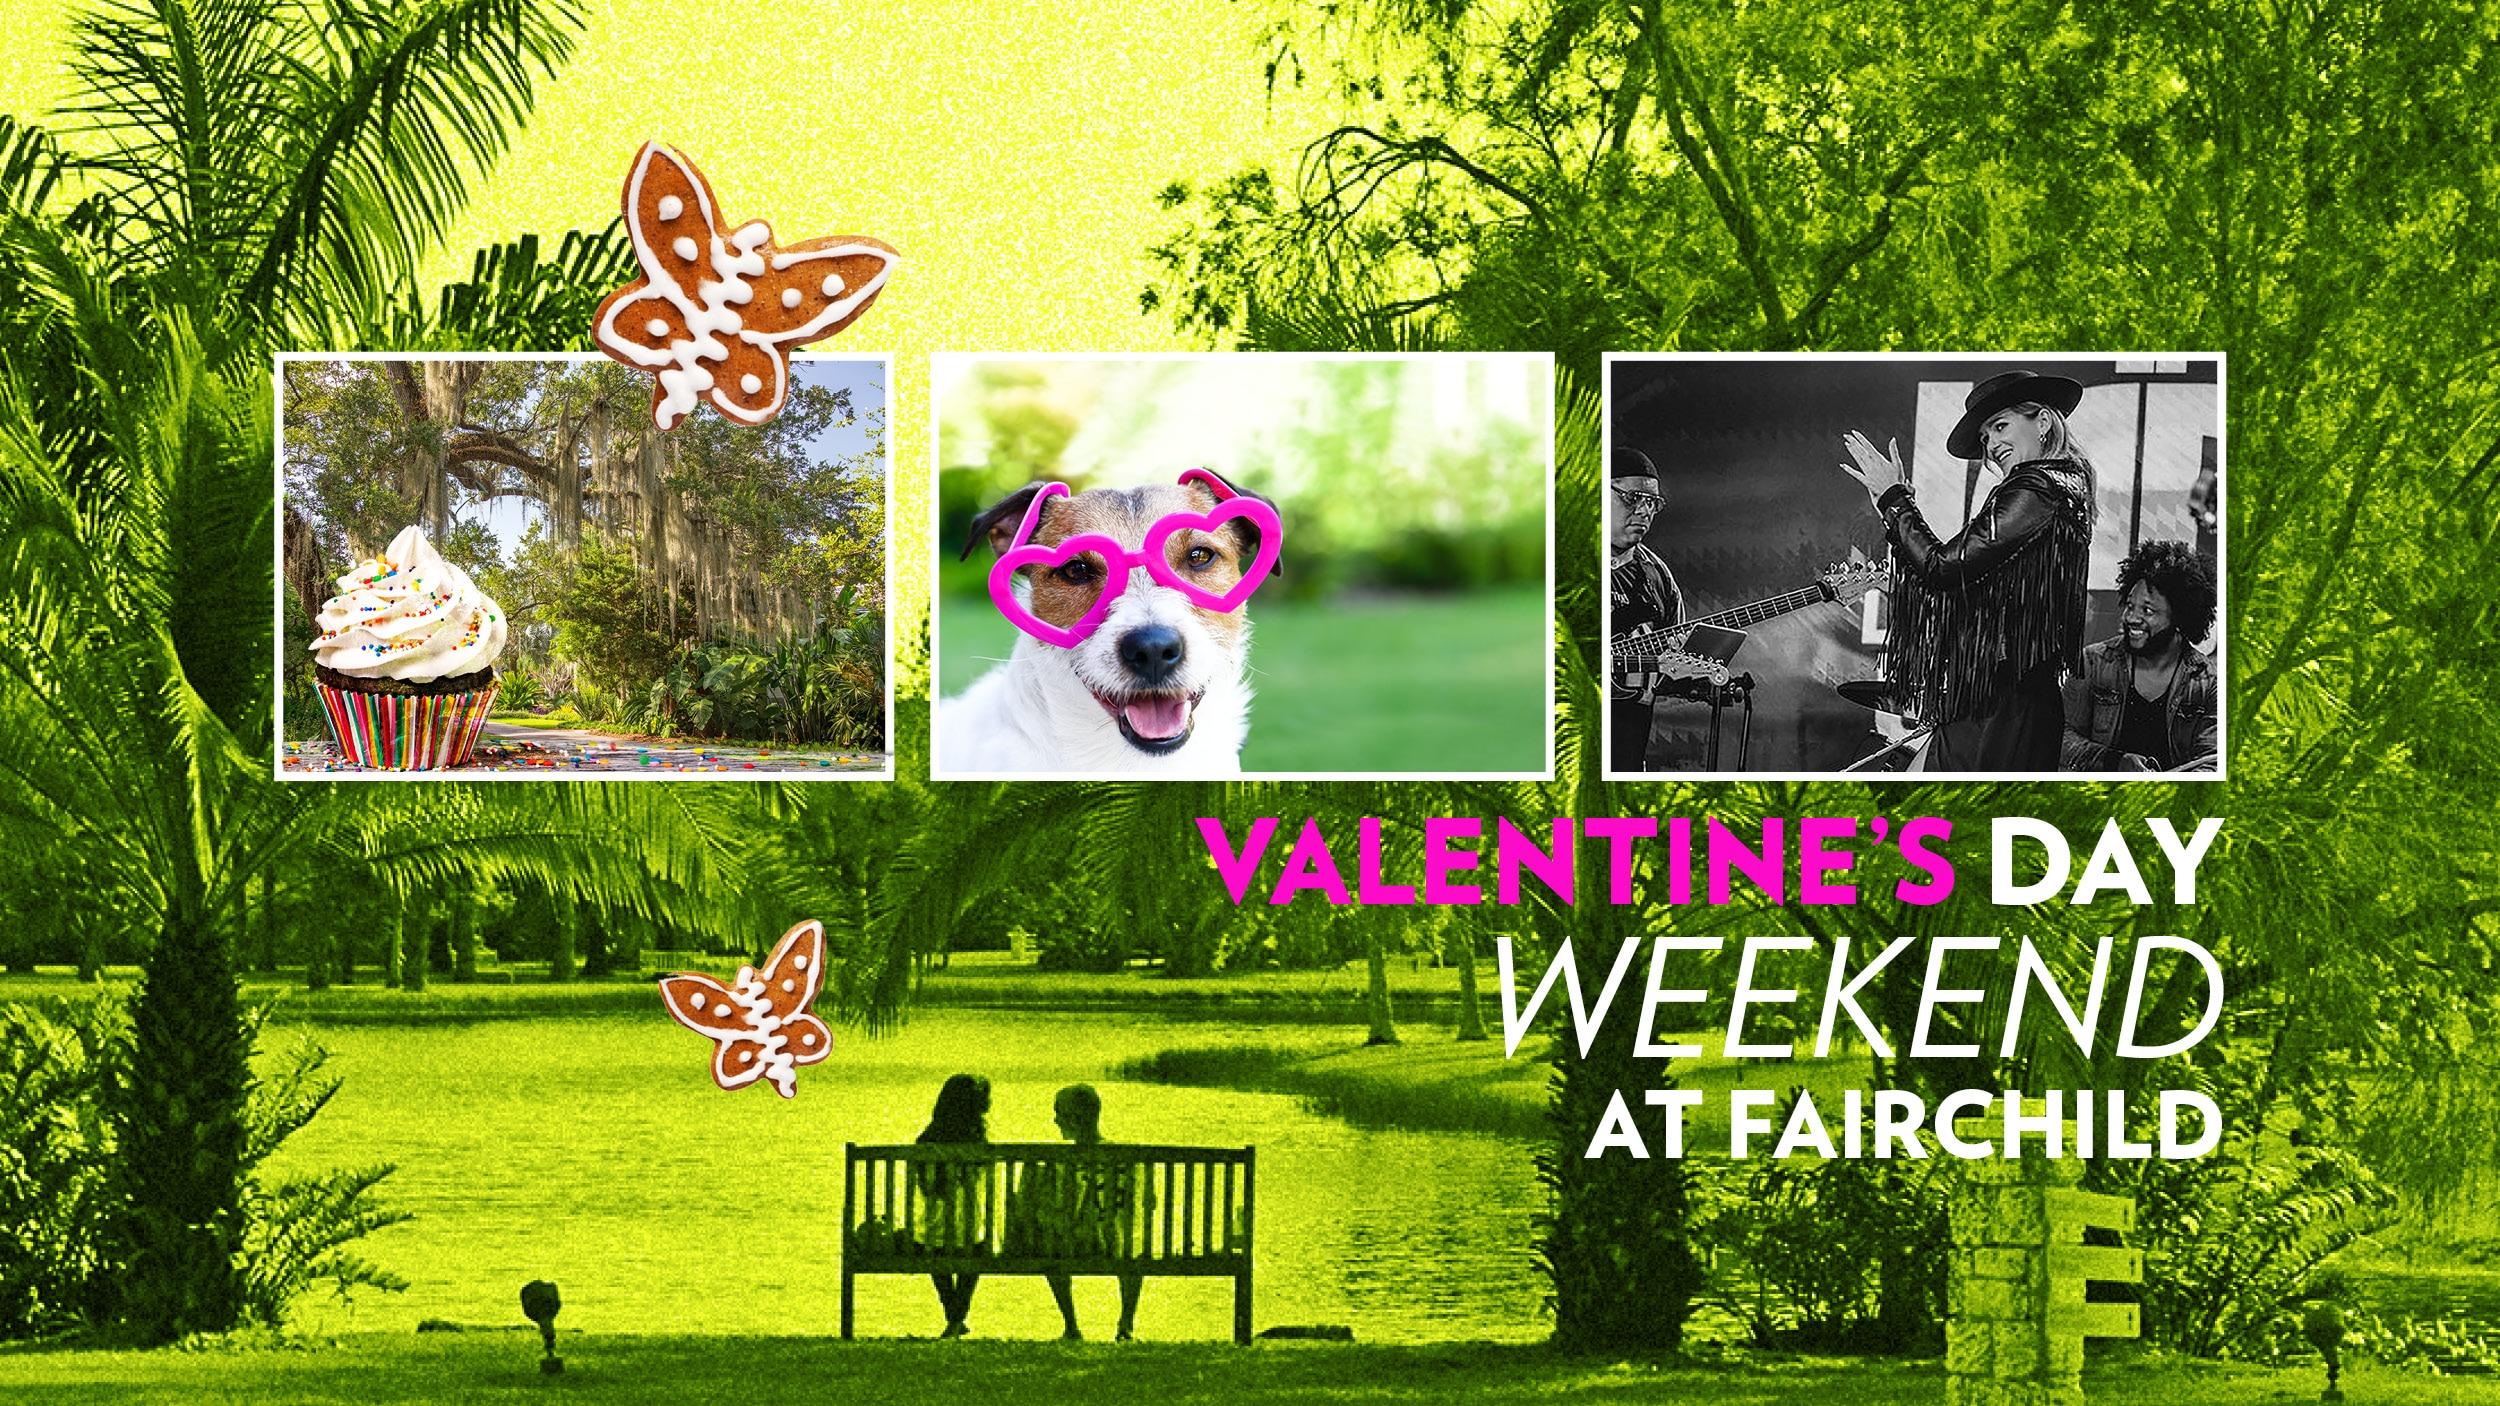 Valentines weekend 2020 at fairchild gardens